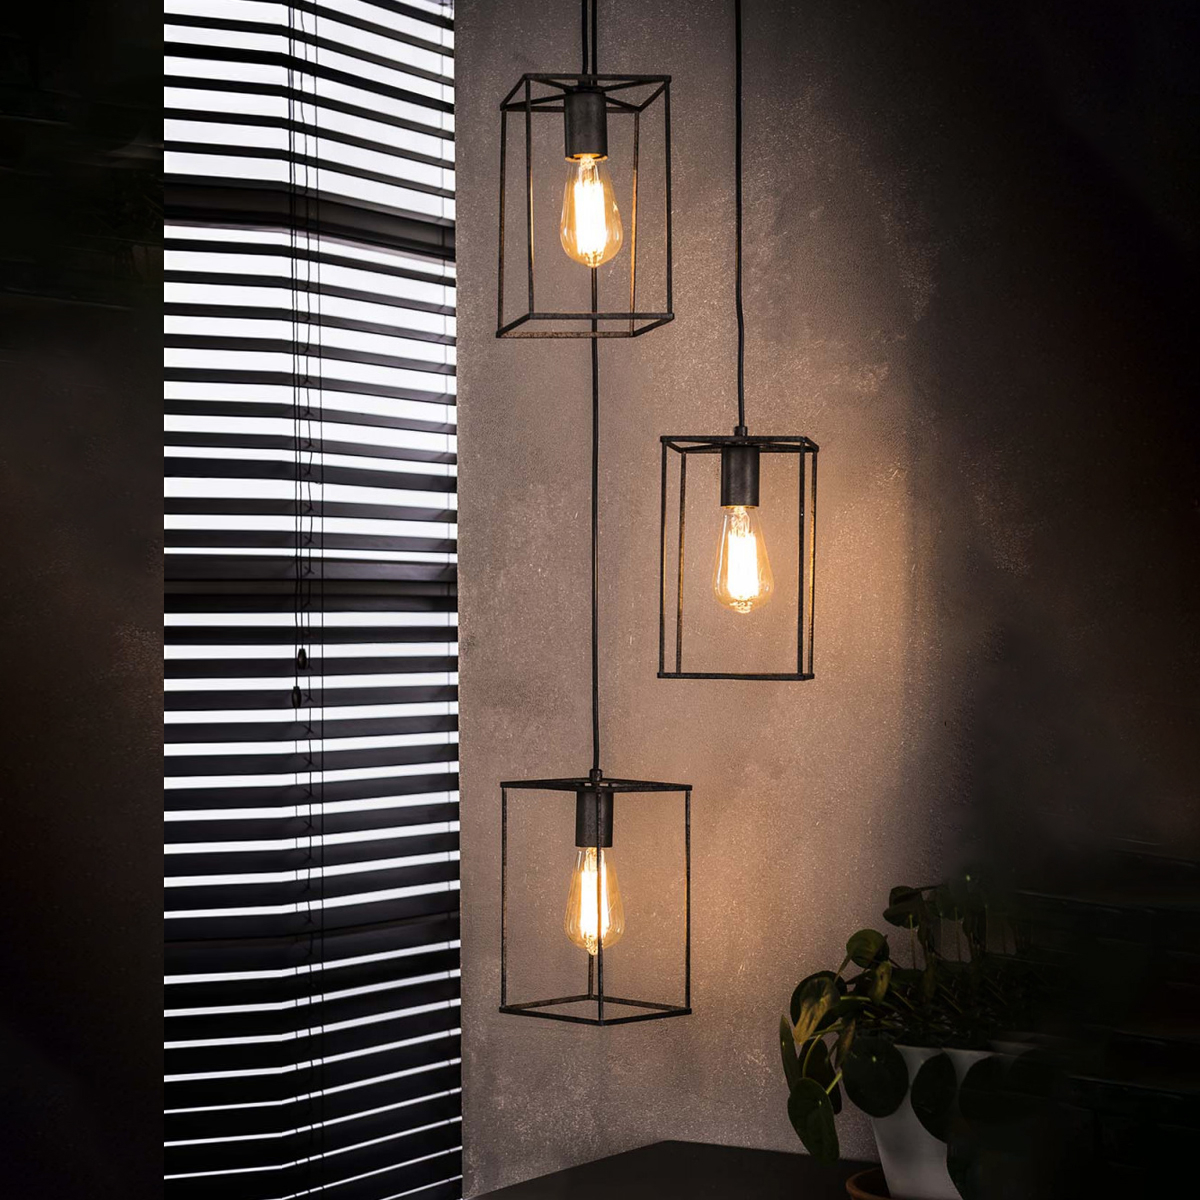 Industriële Hanglamp 'Cubic' 3-lamps Verlichting | Hanglampen kopen